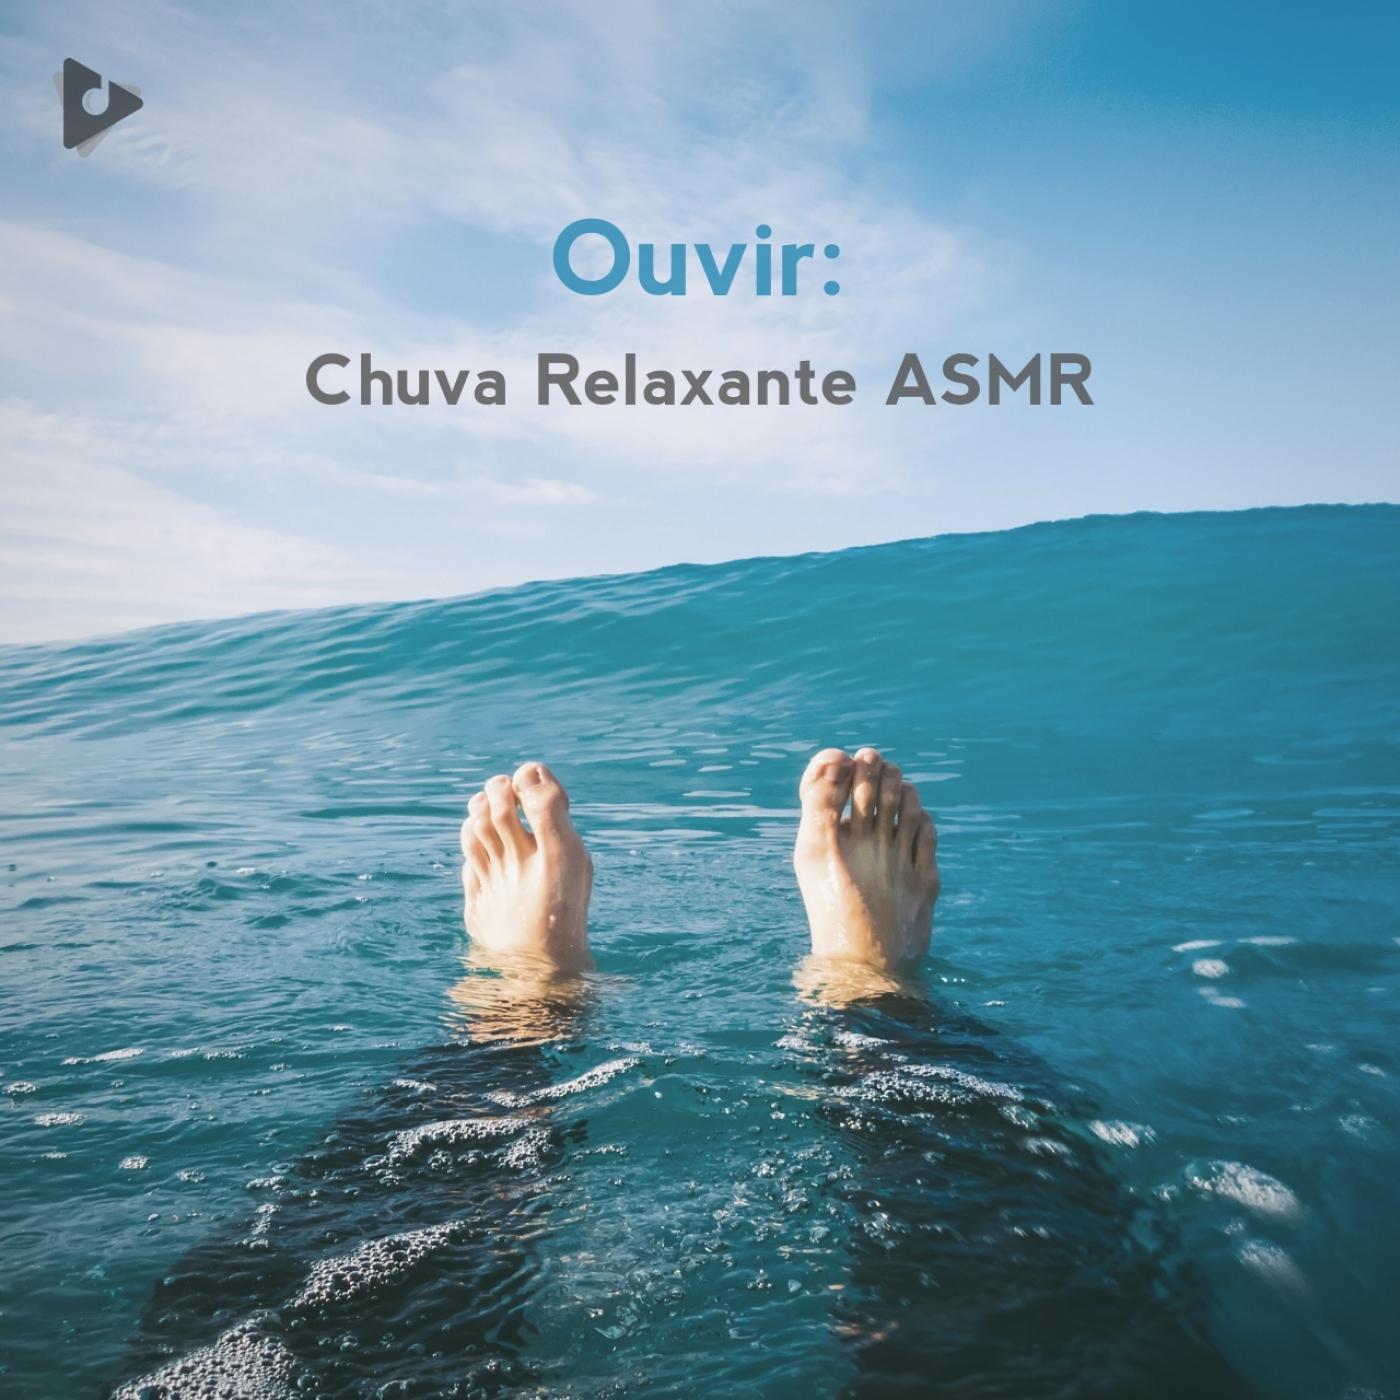 Ouvir: Chuva Relaxante ASMR